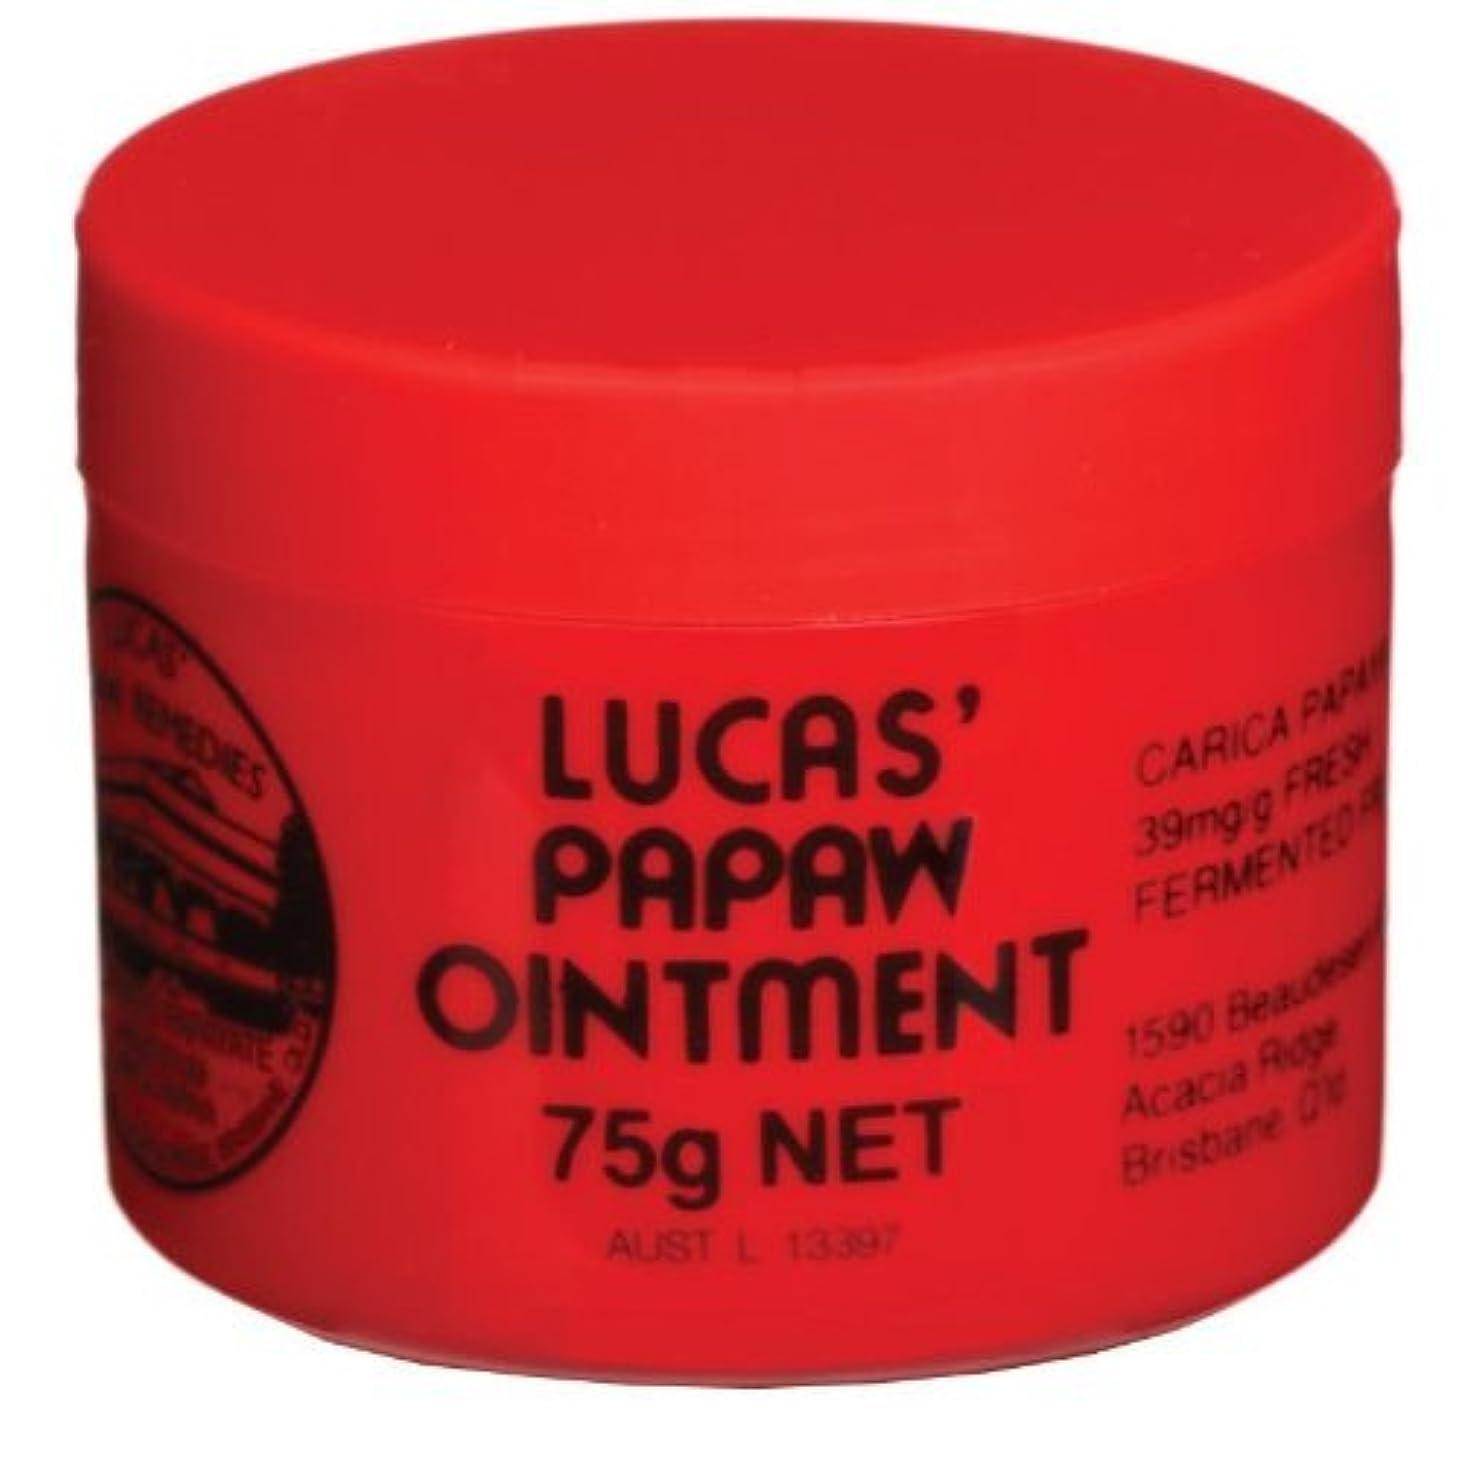 満足させる知覚できる願う[Lucas' Papaw Ointment] ルーカスポーポークリーム 75g